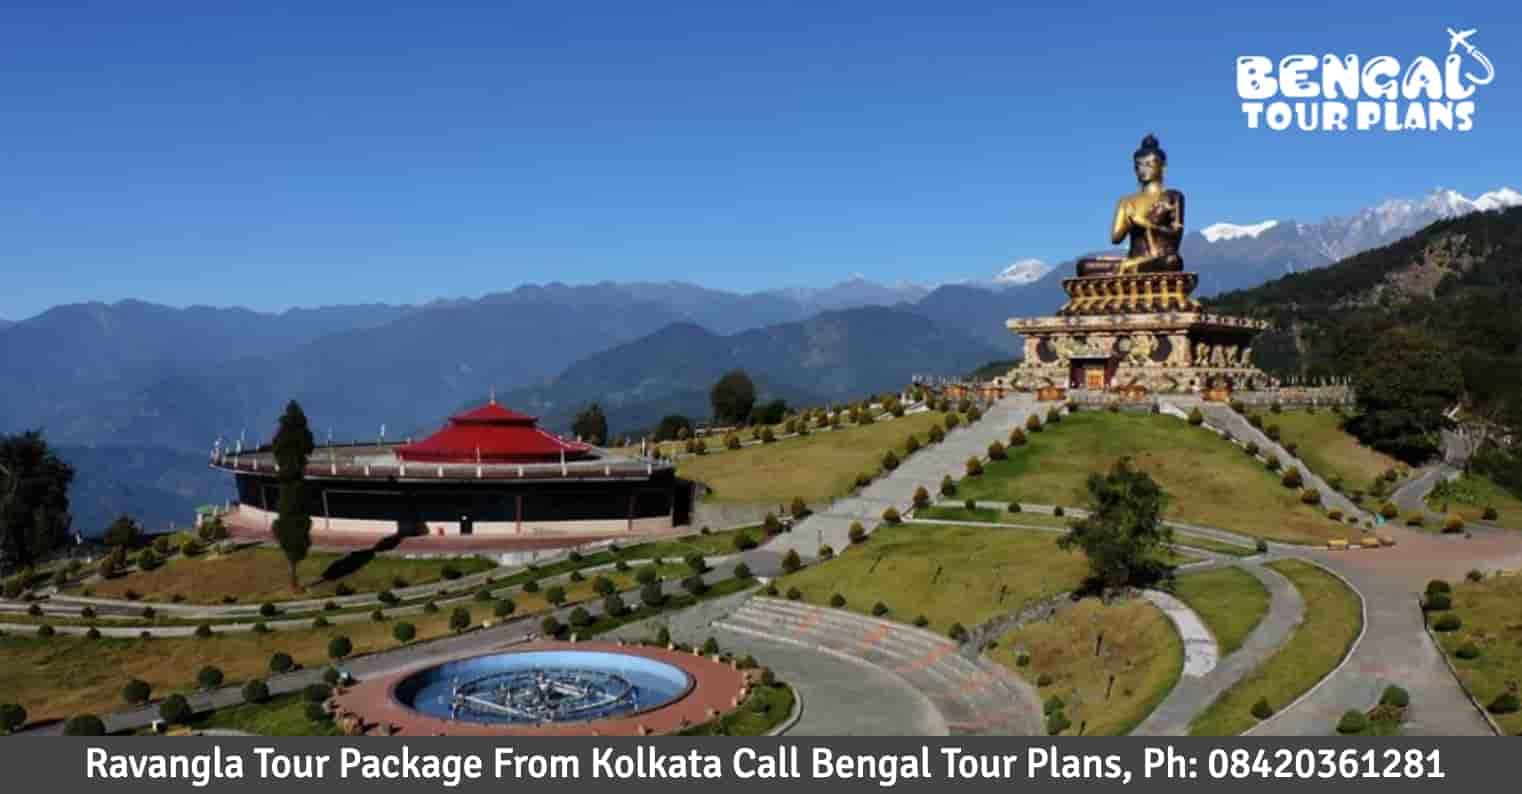 Ravangla Tour Package From Kolkata